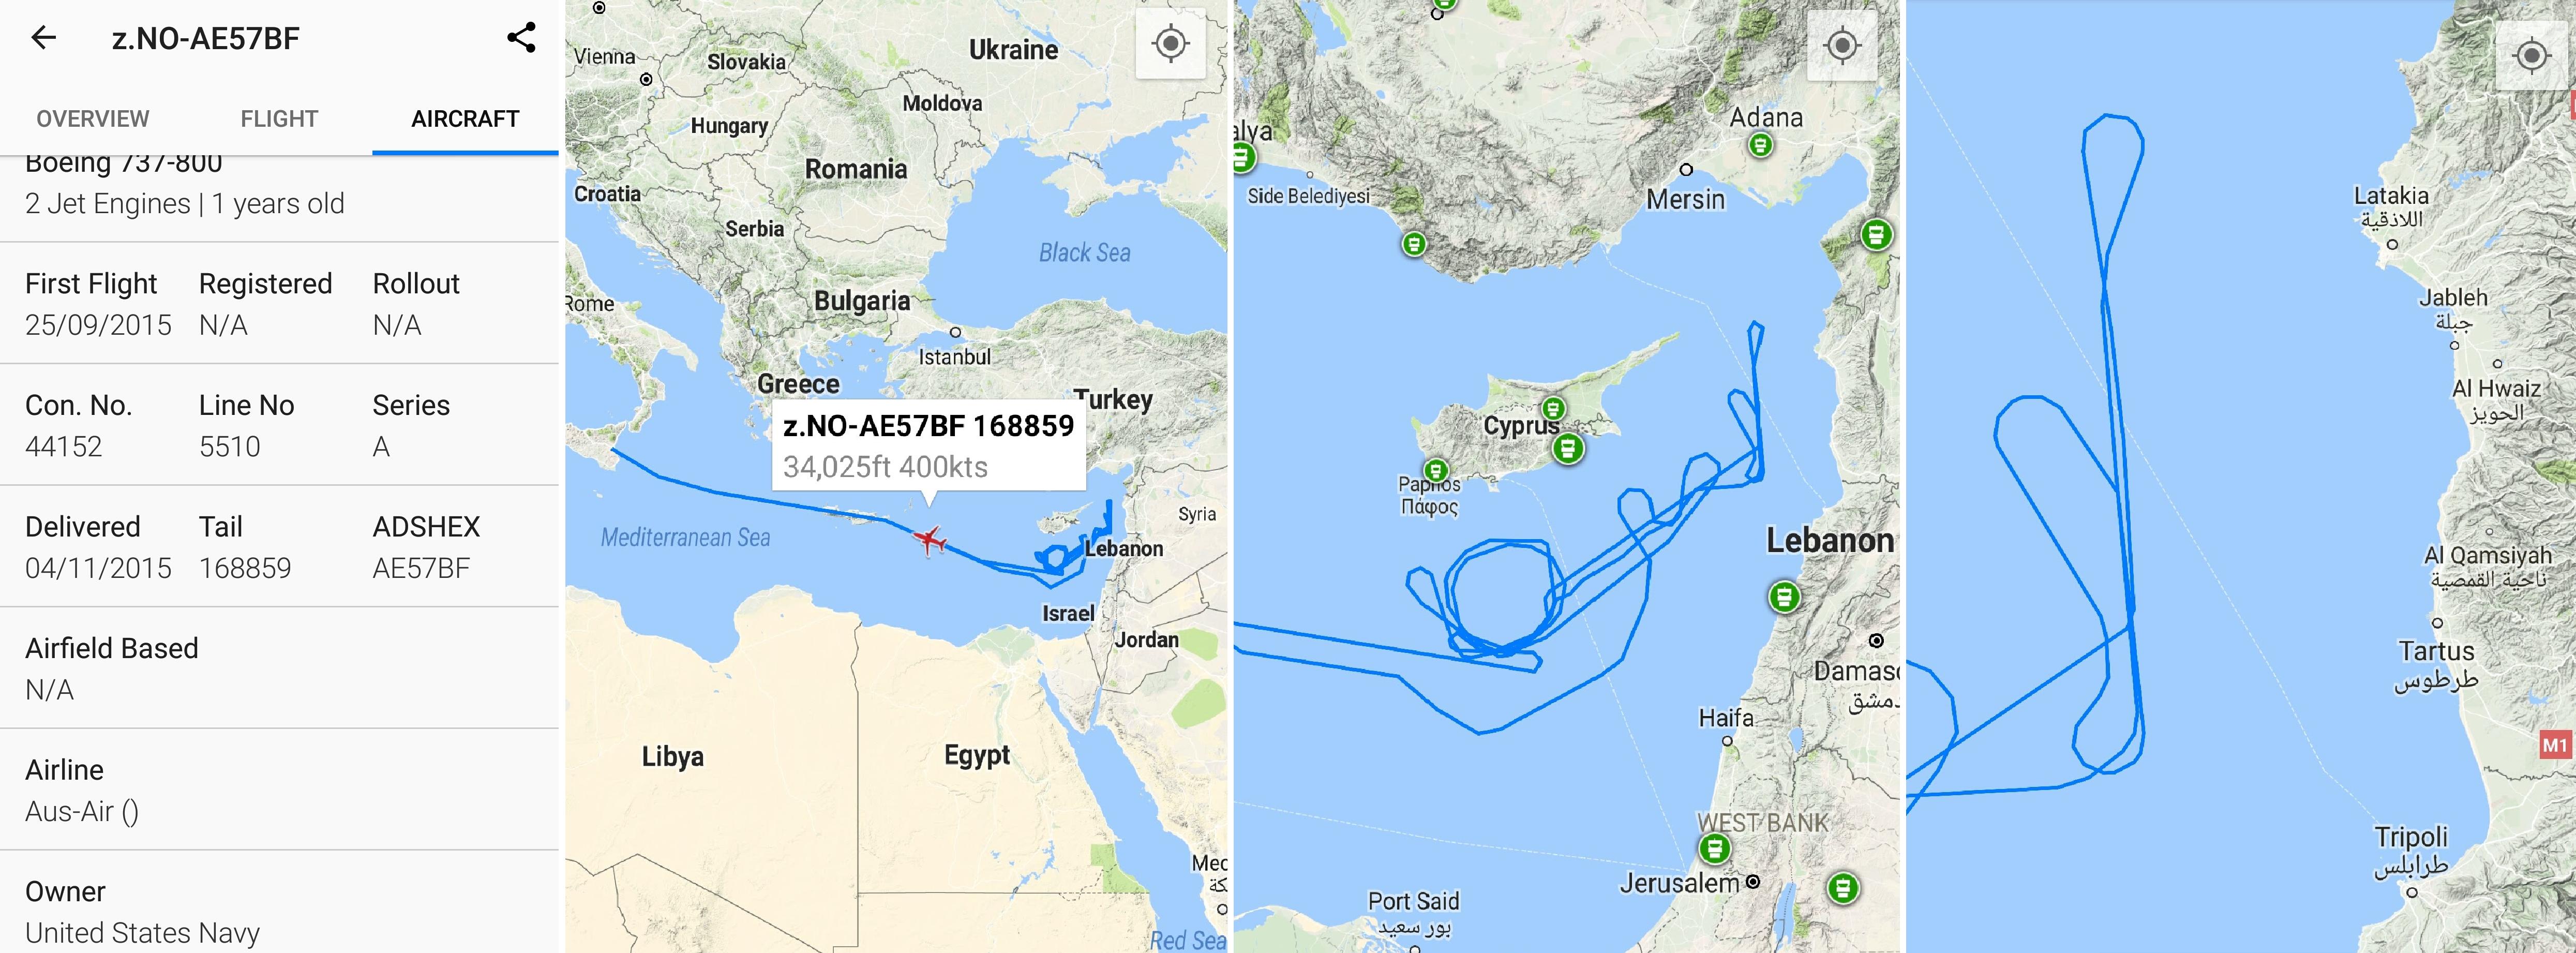 L'itinéraire de l'avion de patrouille américain le 23 octobre